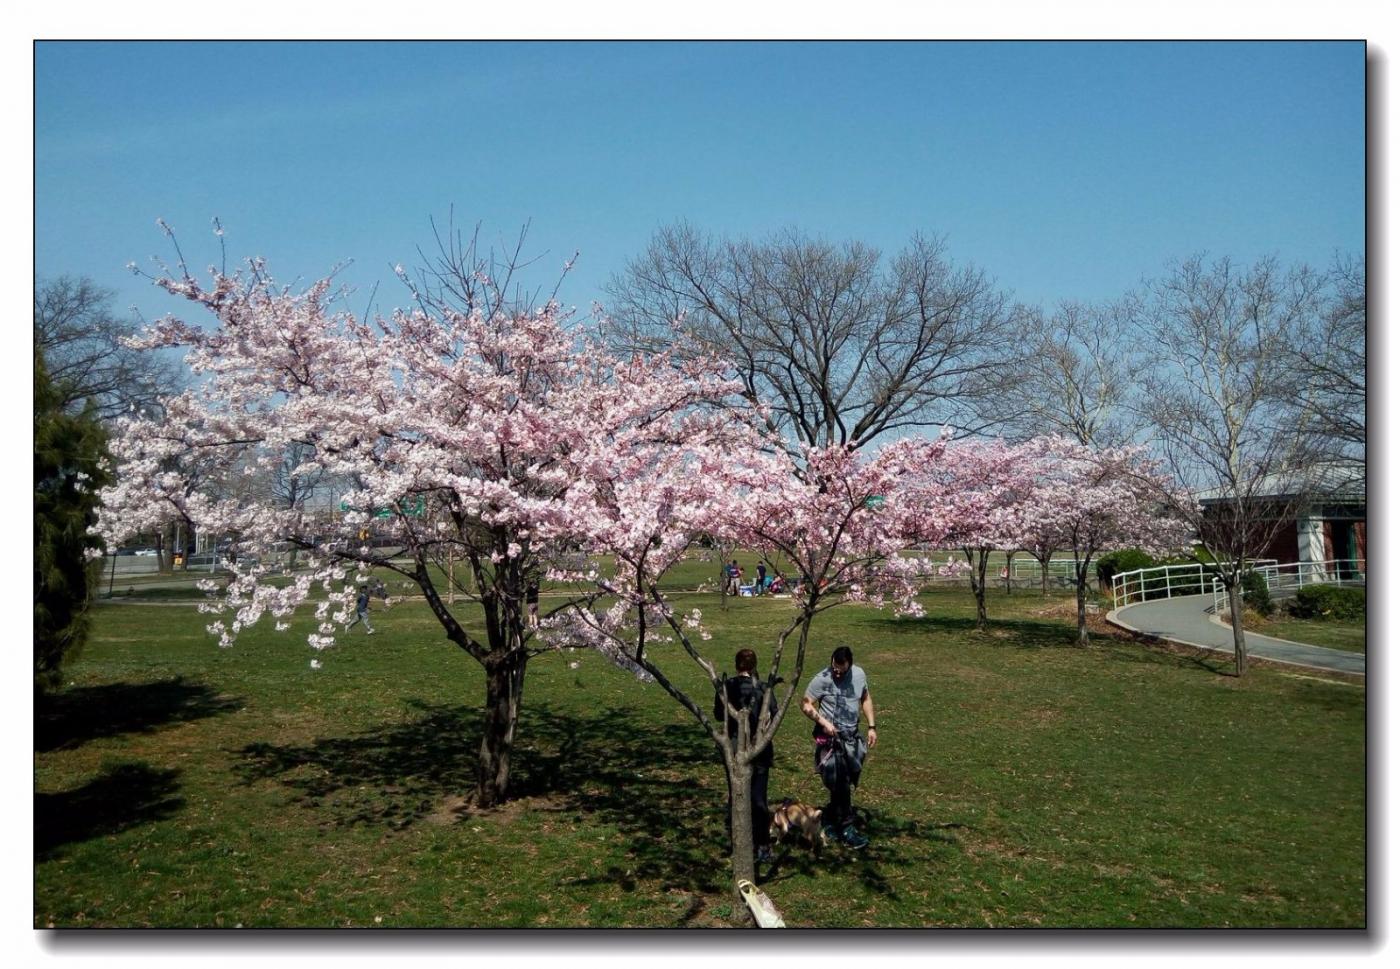 春滿可樂娜公園_圖1-9